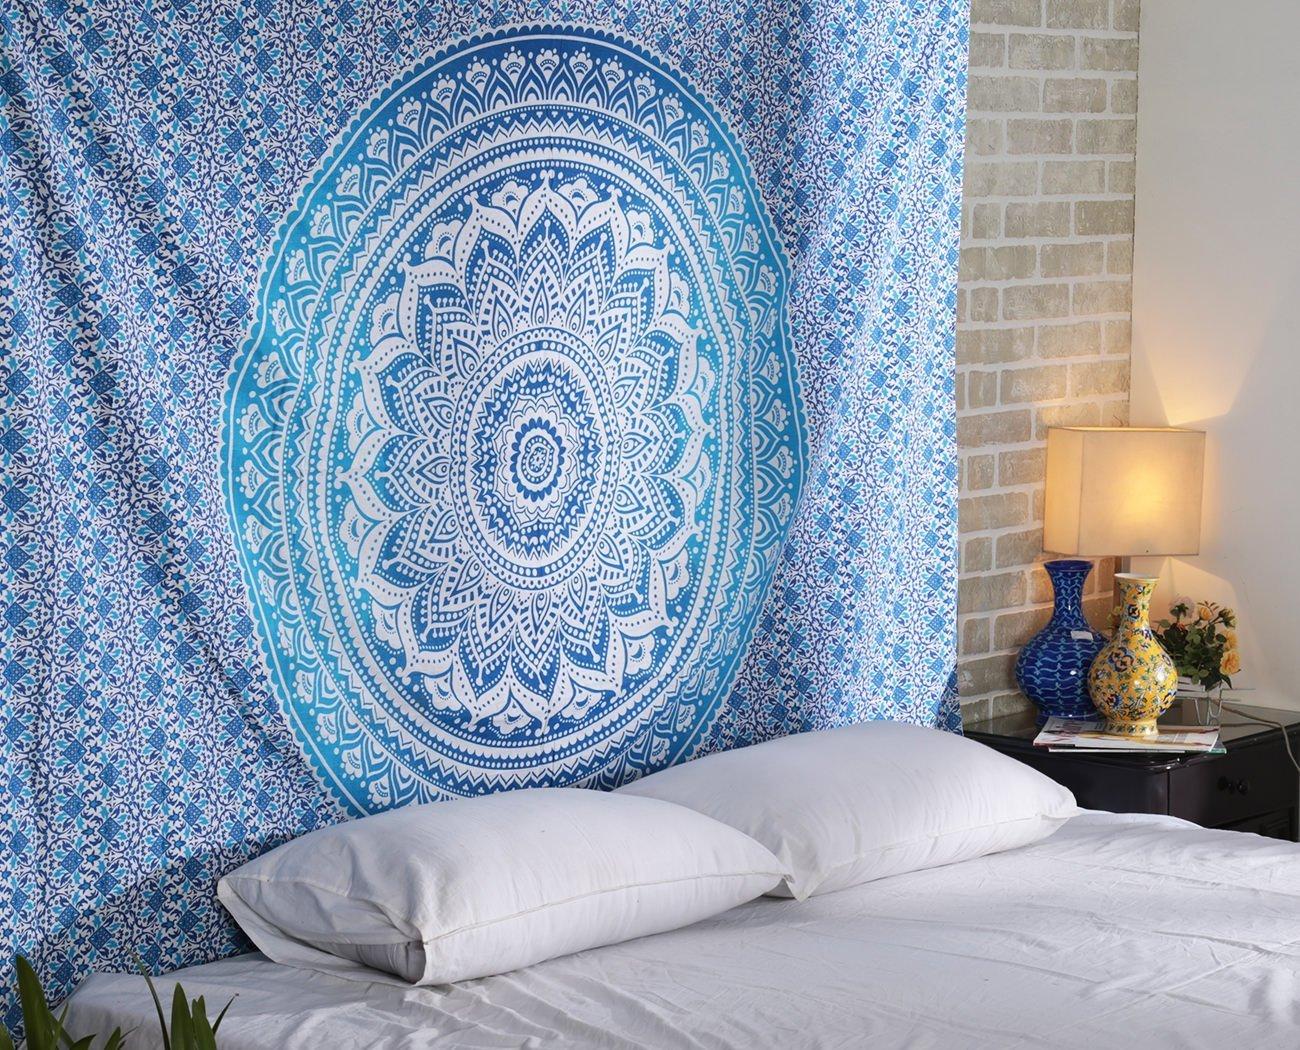 Souverains Bleu ombré indien Décoration murale à suspendre hippie mandala Tapisserie Bohemian Couvre-lit ethnique Décoration de Dortoir Sovereigns